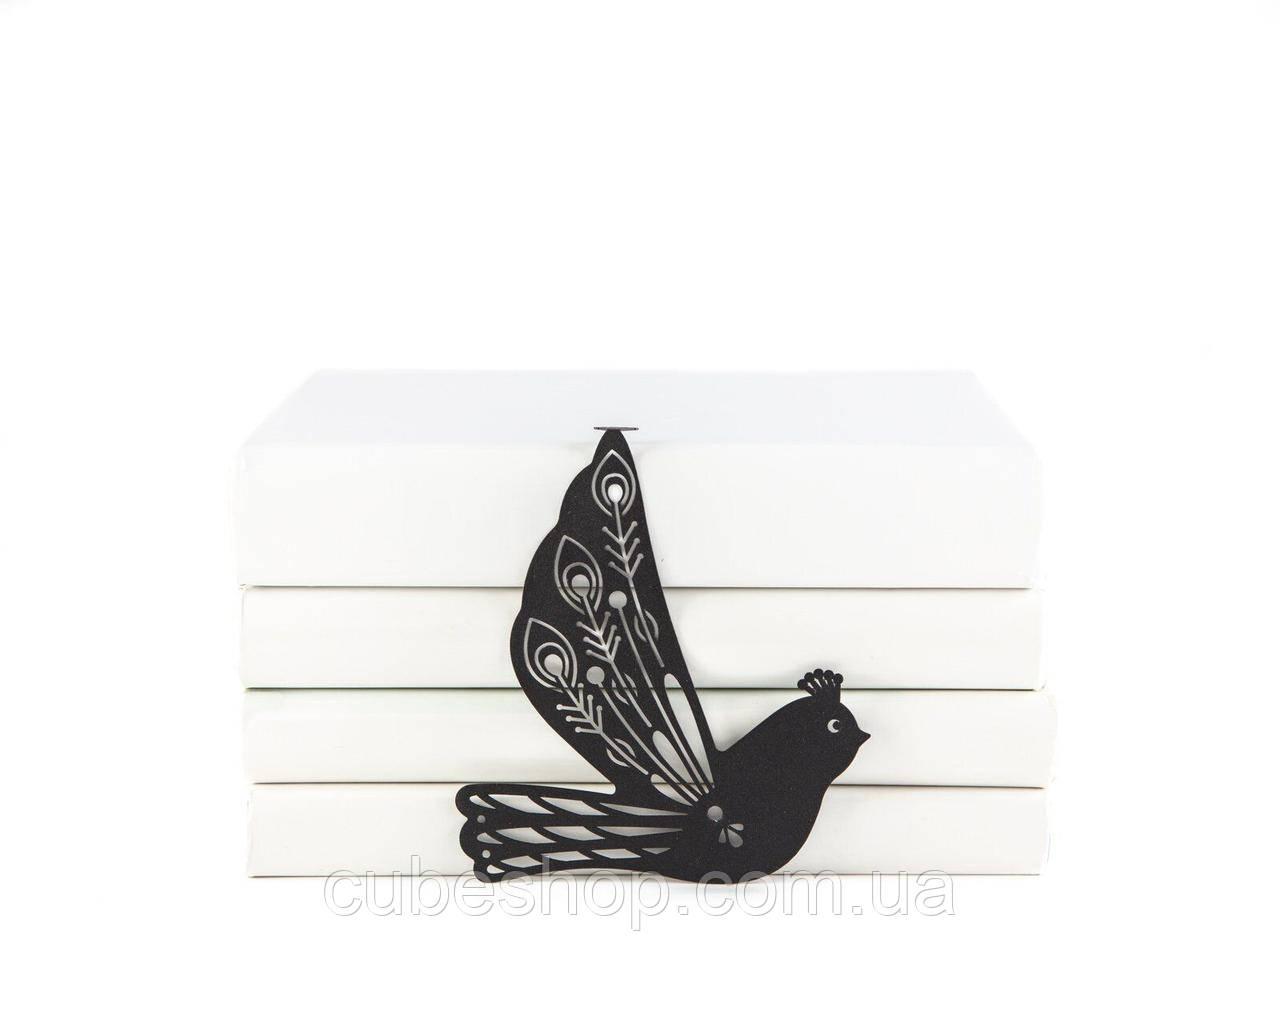 Закладка для книг Жар птица